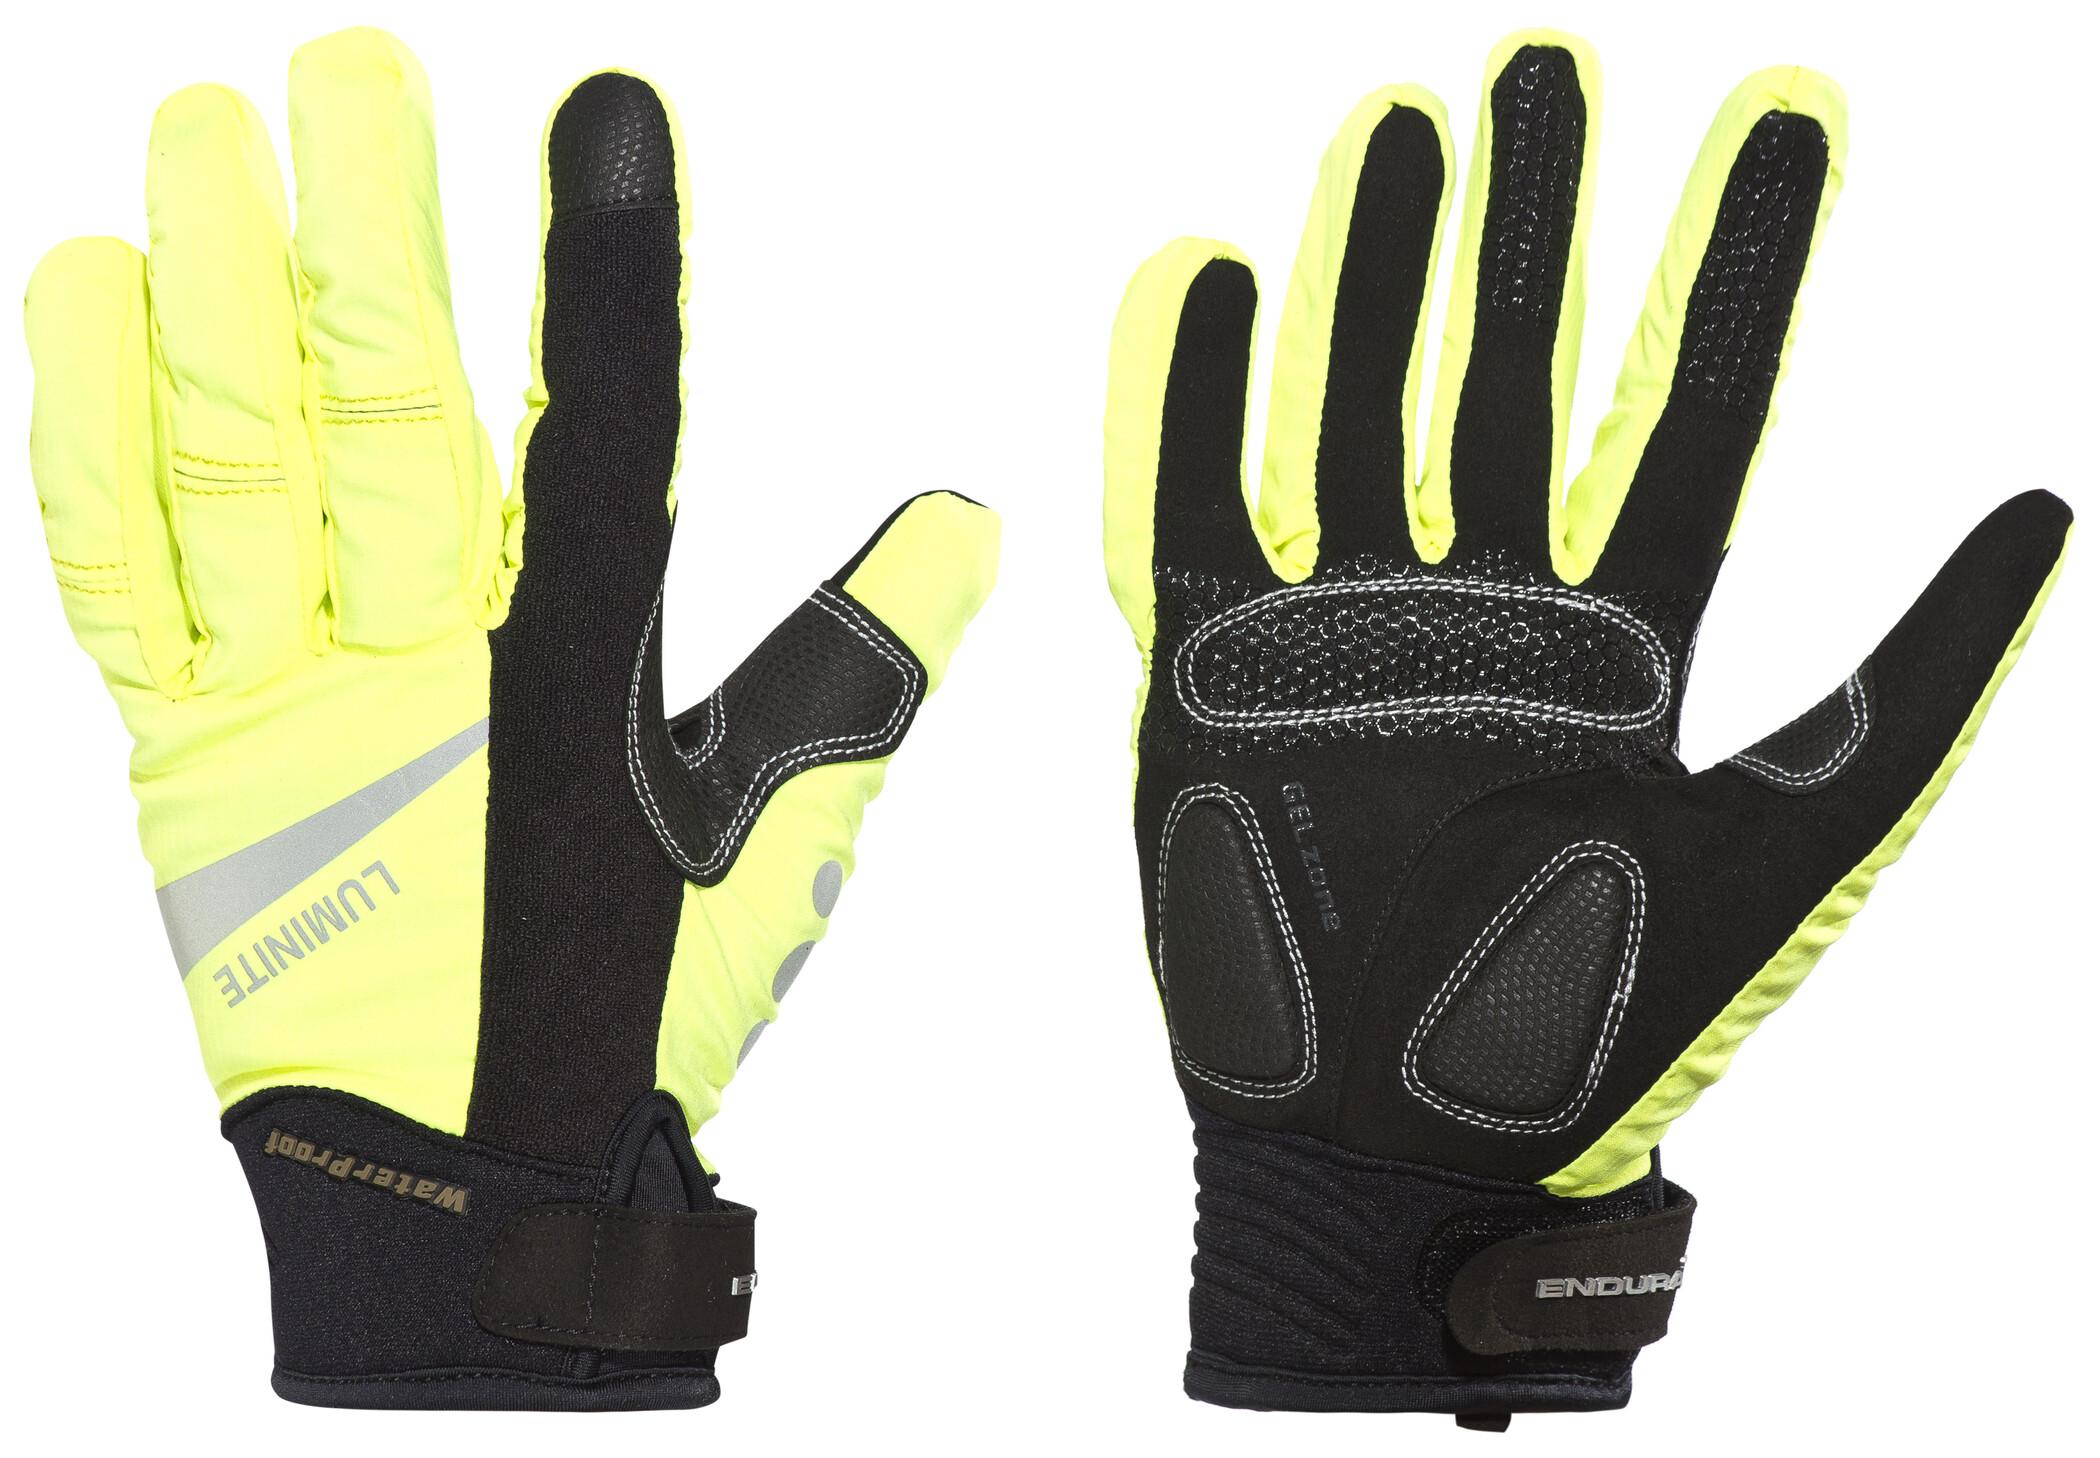 HANDSKER ENDURA LUMINITE DAME SORT | Gloves